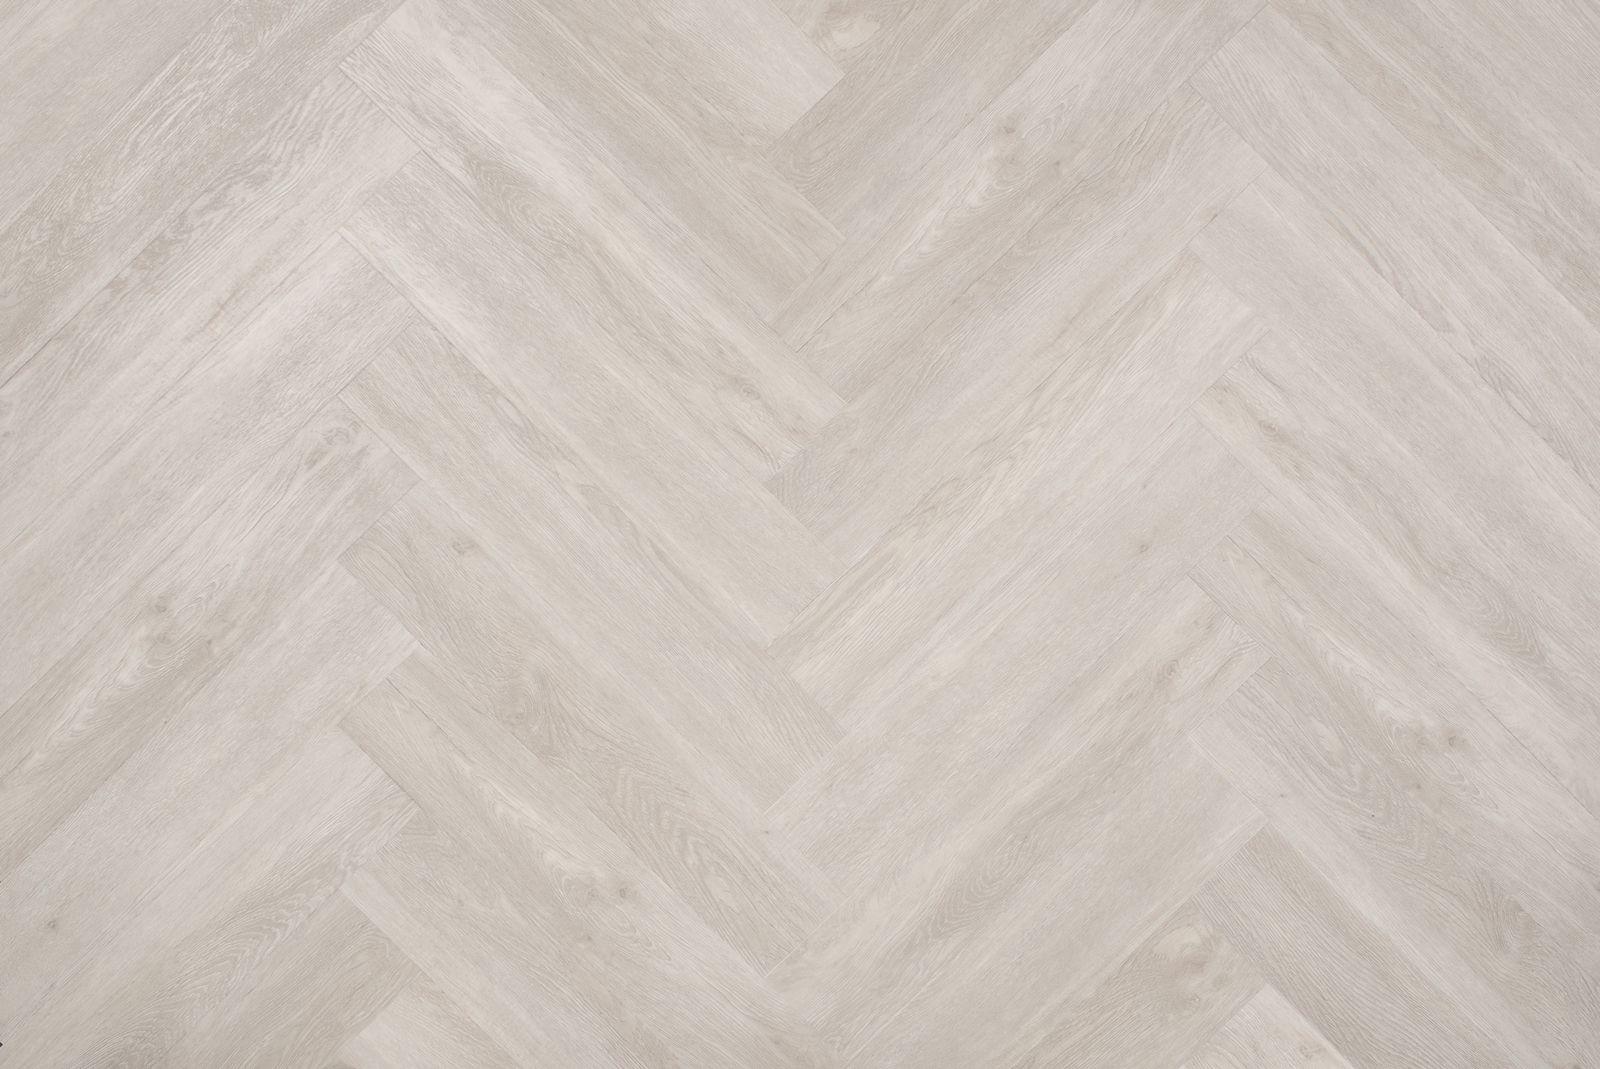 Visgraat pvc vloeren kunststof patroon mflor floer parva plus